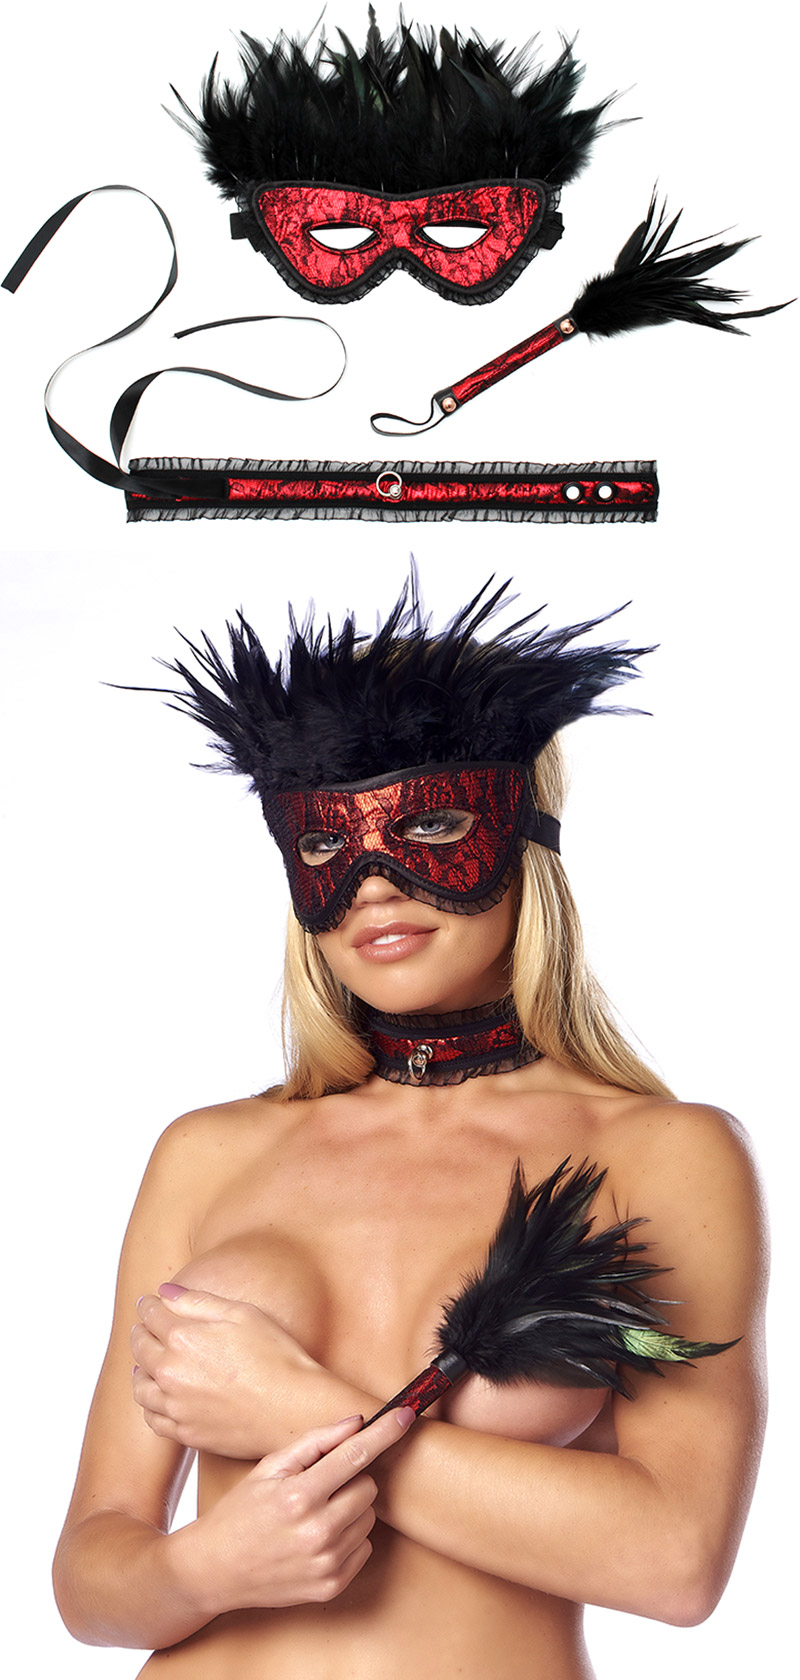 Set d'accessoires BDSM Rimba Domina - 3 pièces - Rouge & noir